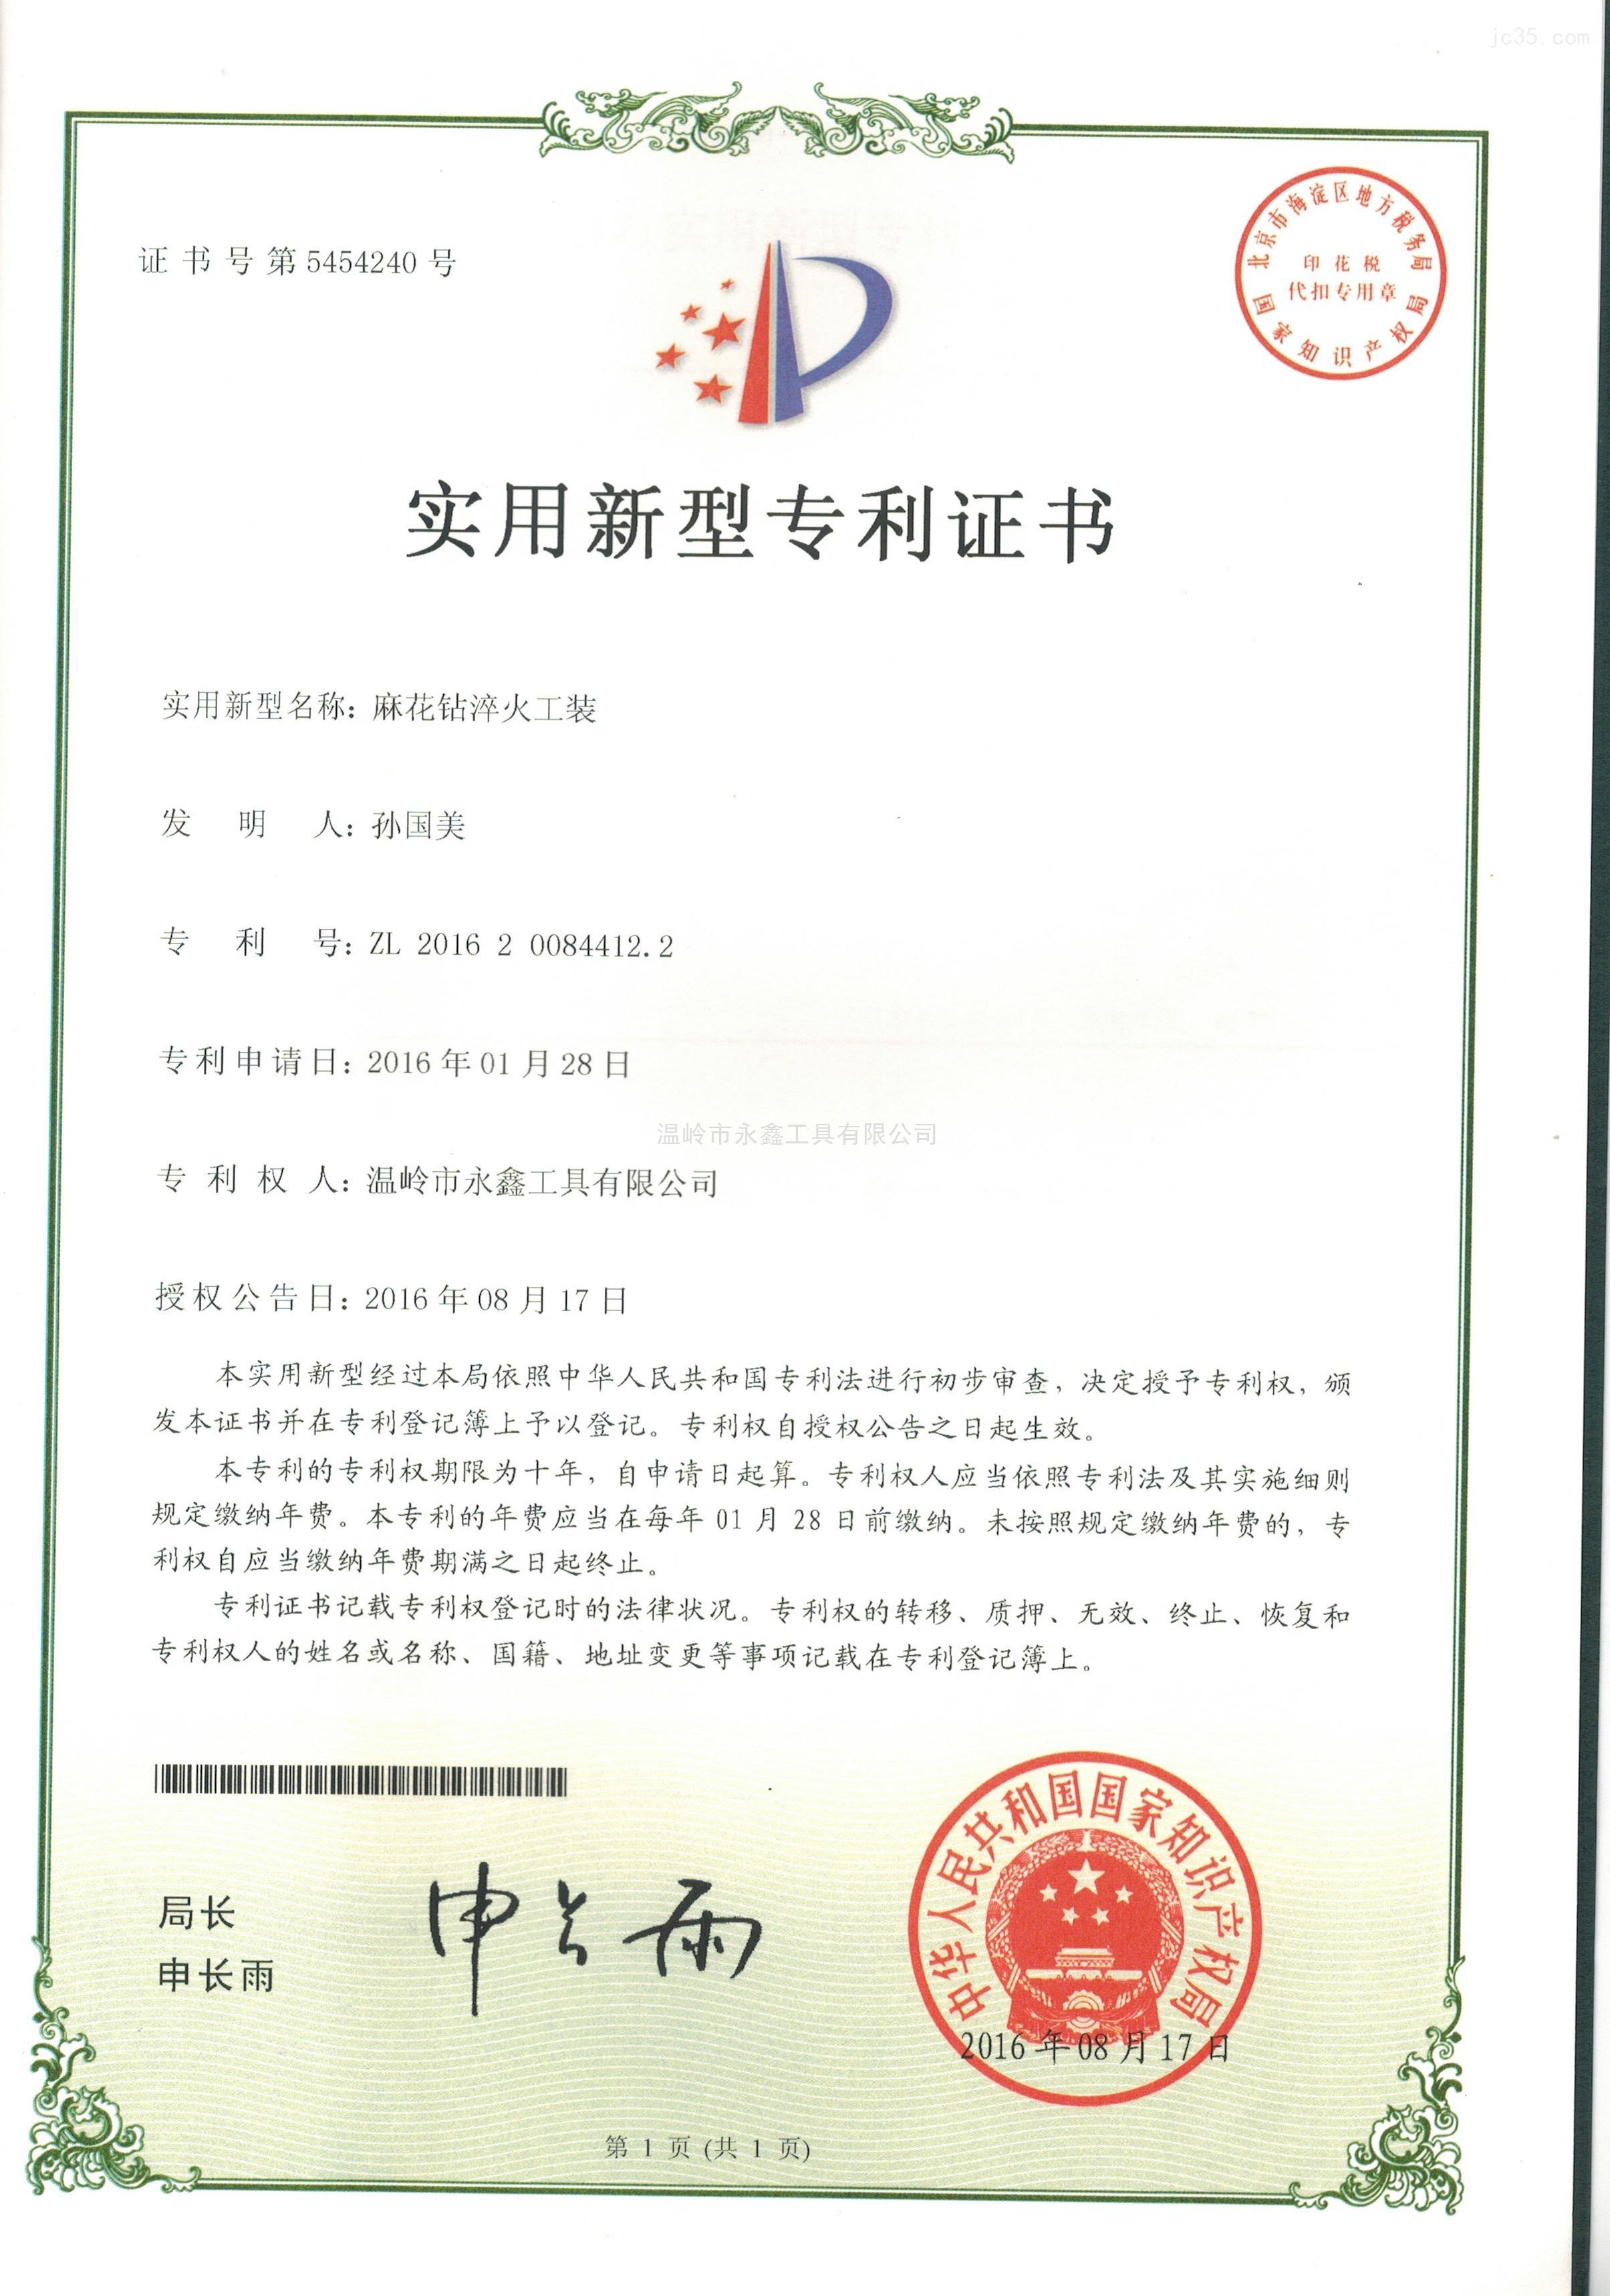 实用新型专利证书-麻花钻淬火工装